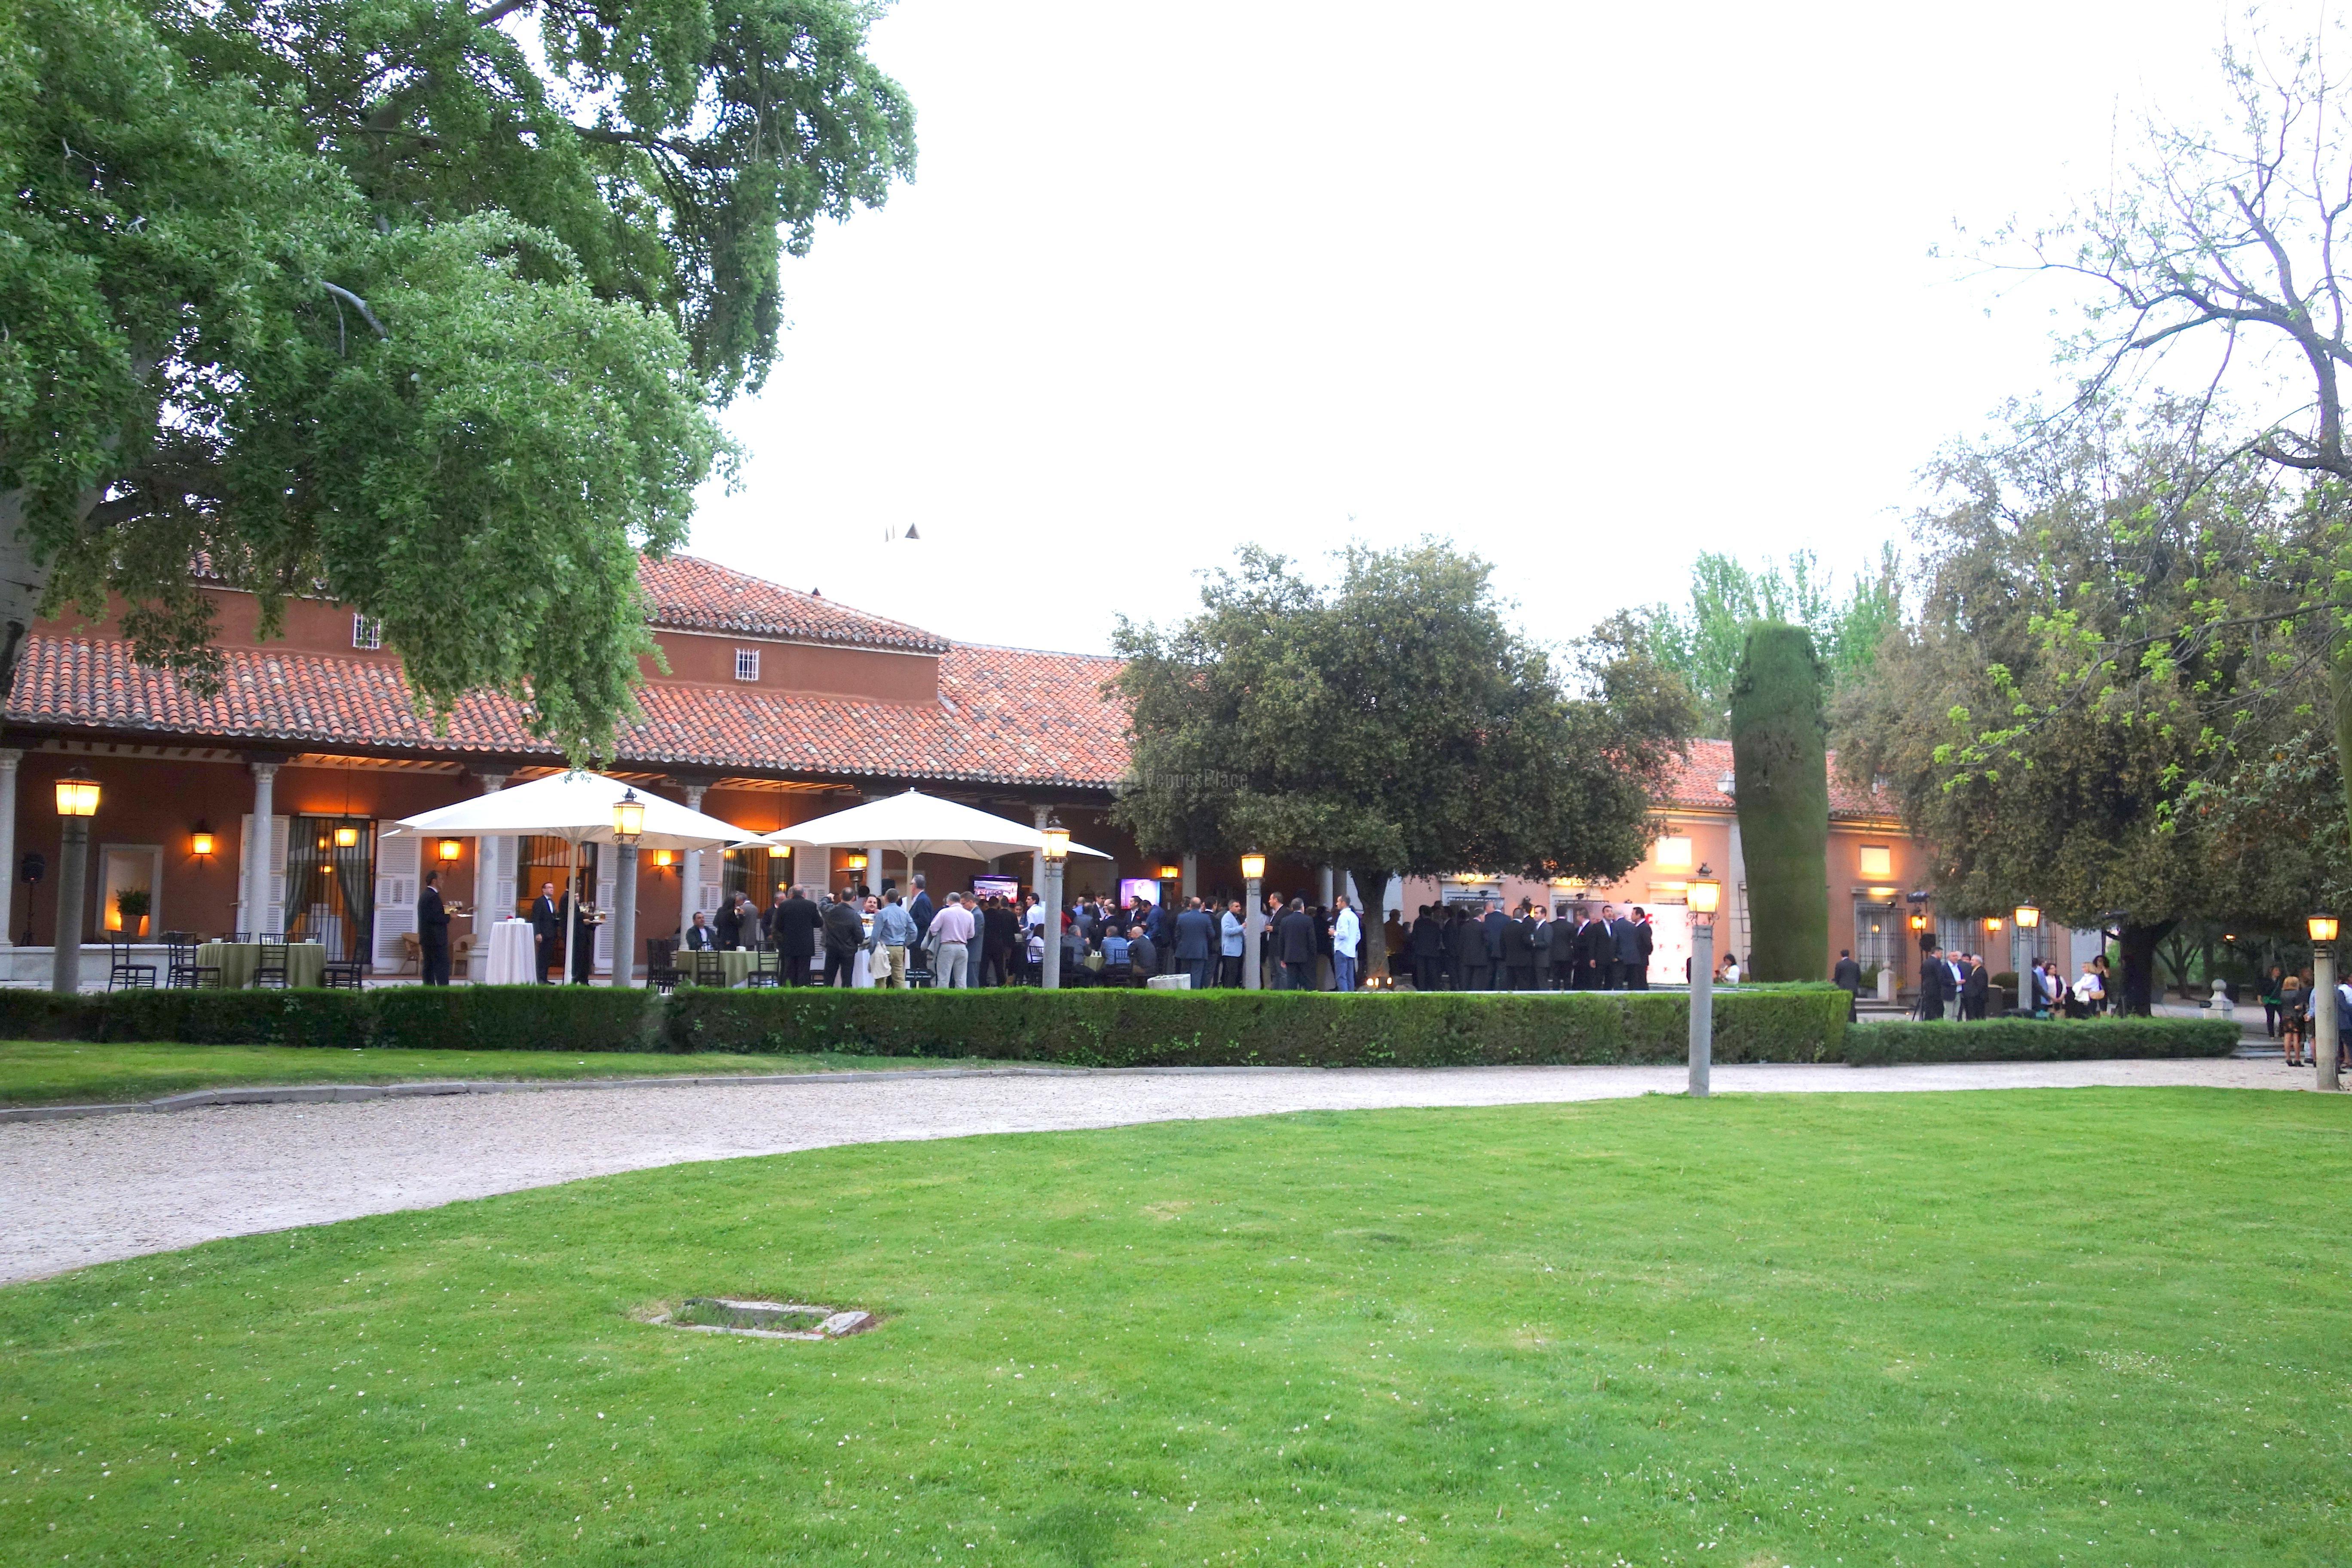 Fincas para eventos cerca de madrid venuesplace - Casa monico bodas ...